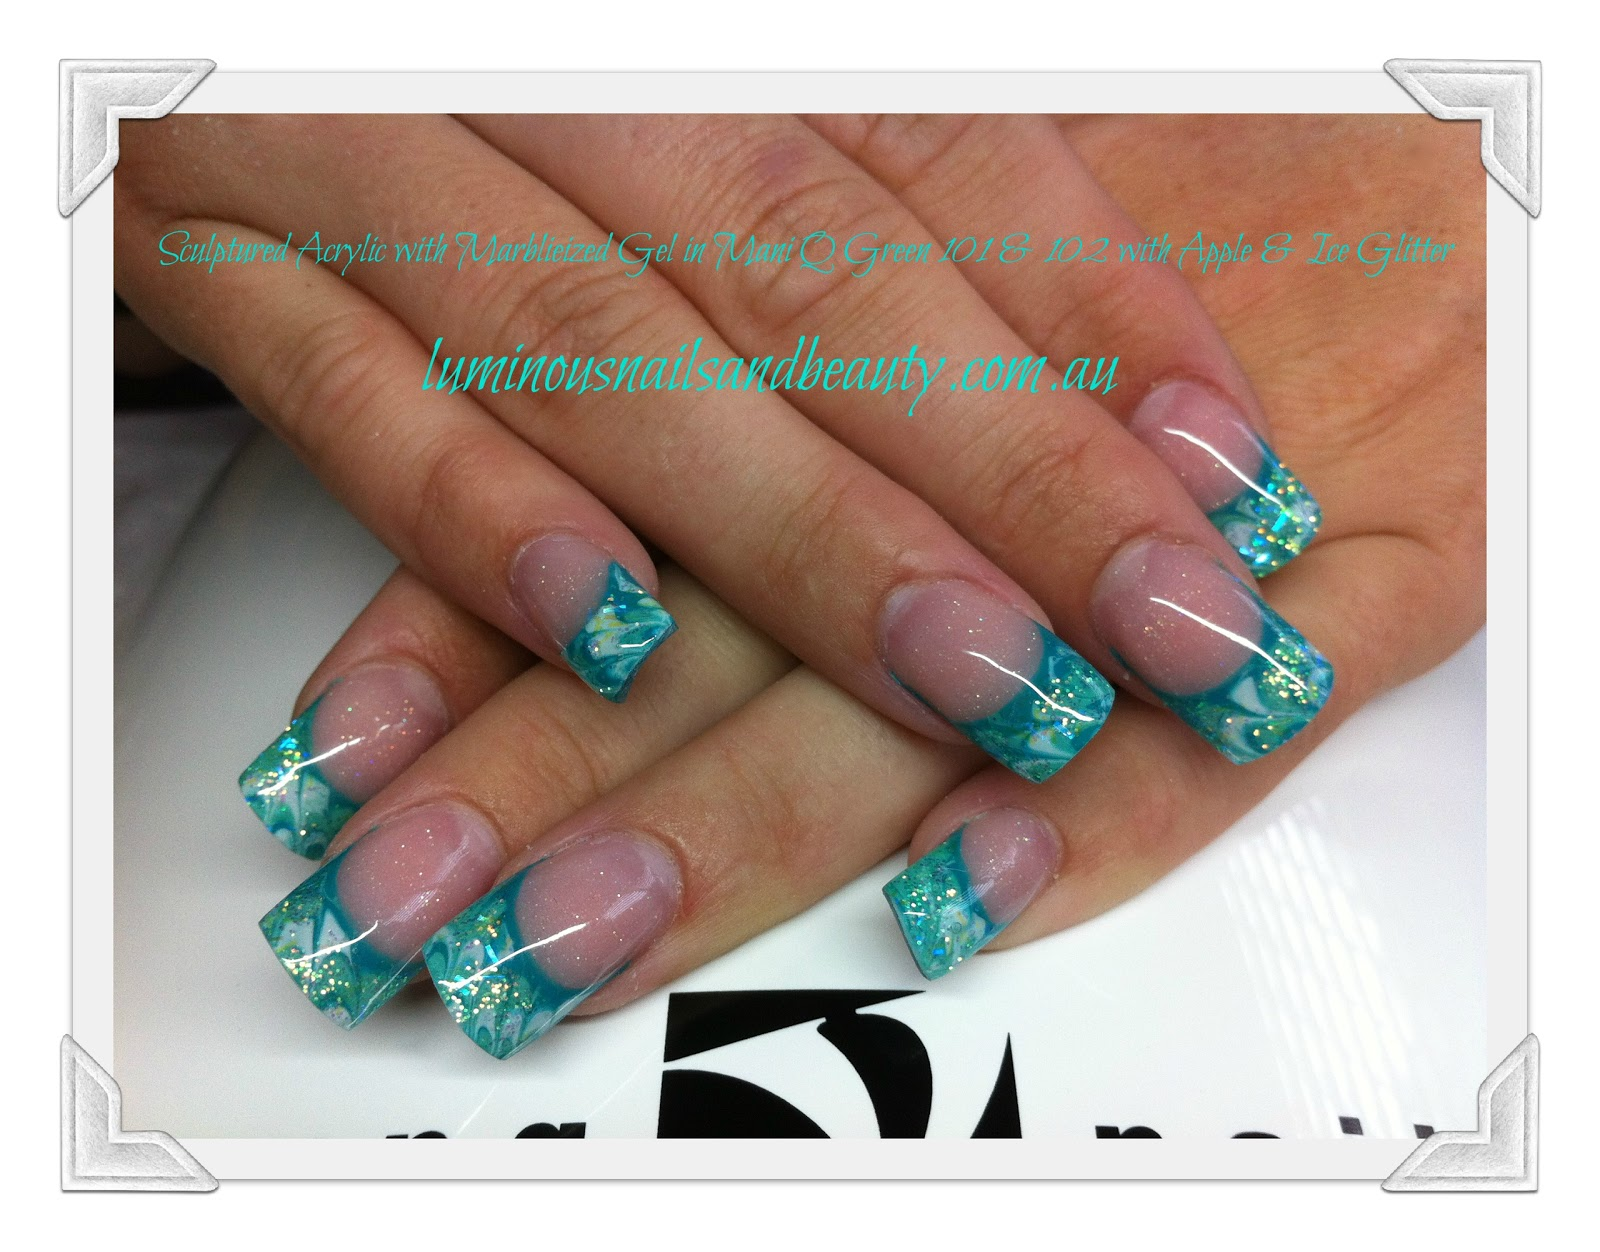 Artificial nails Wikipedia - e-pic.info